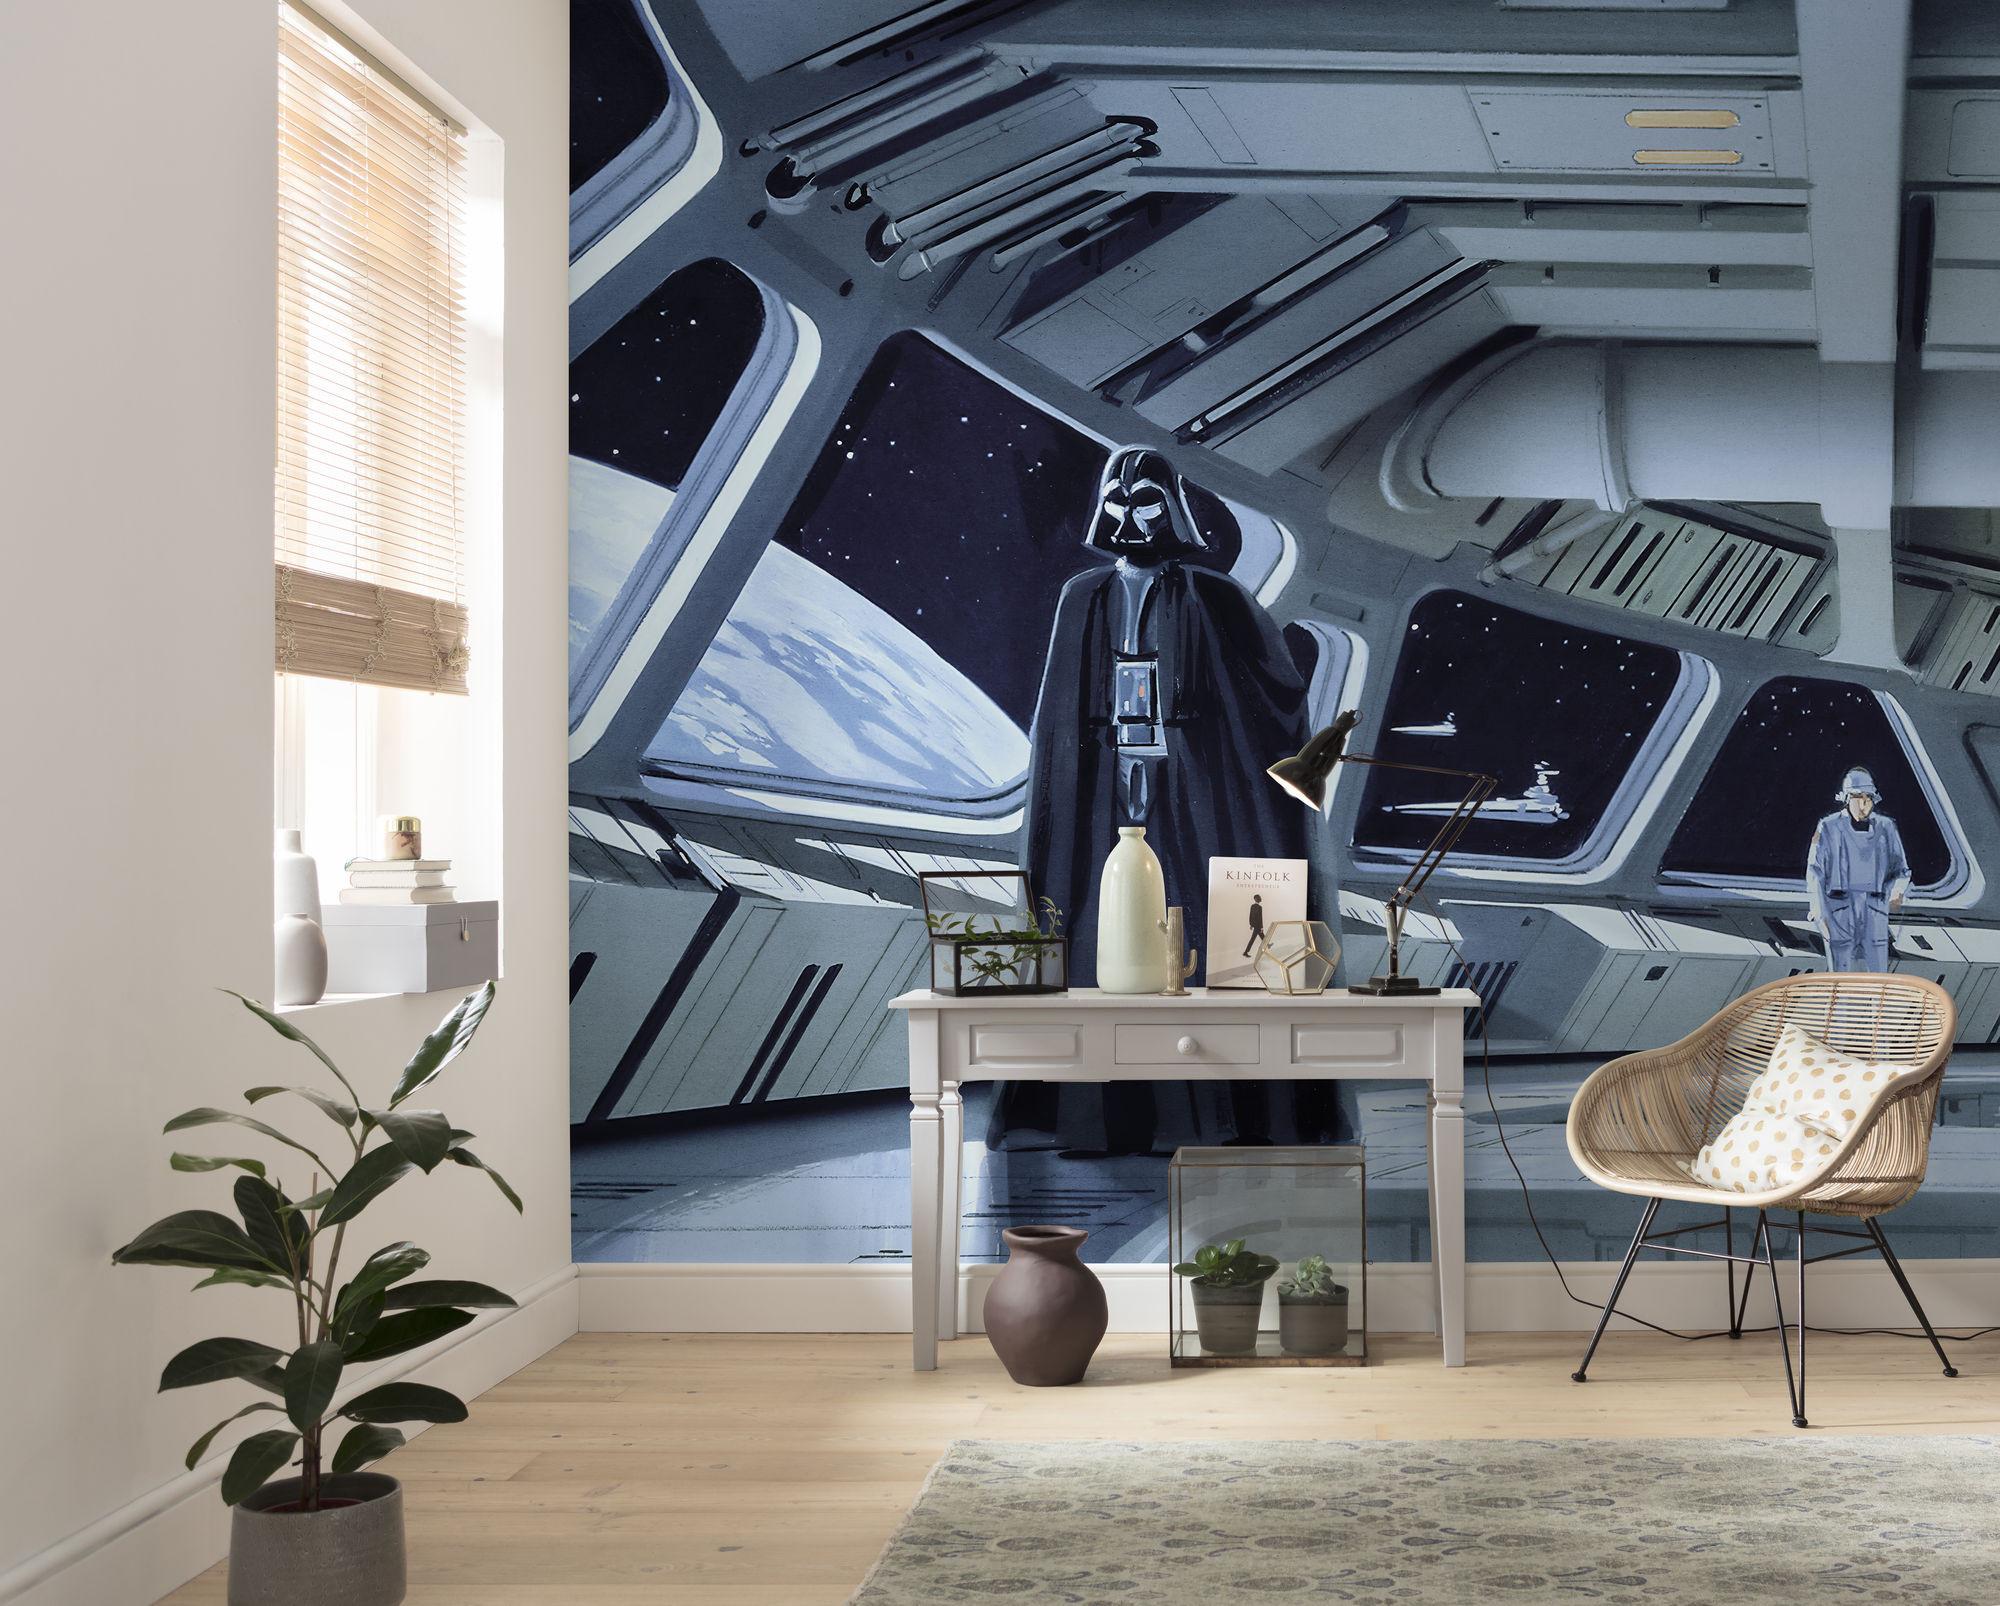 Star Wars Classic RMQ Stardestroyer Deck